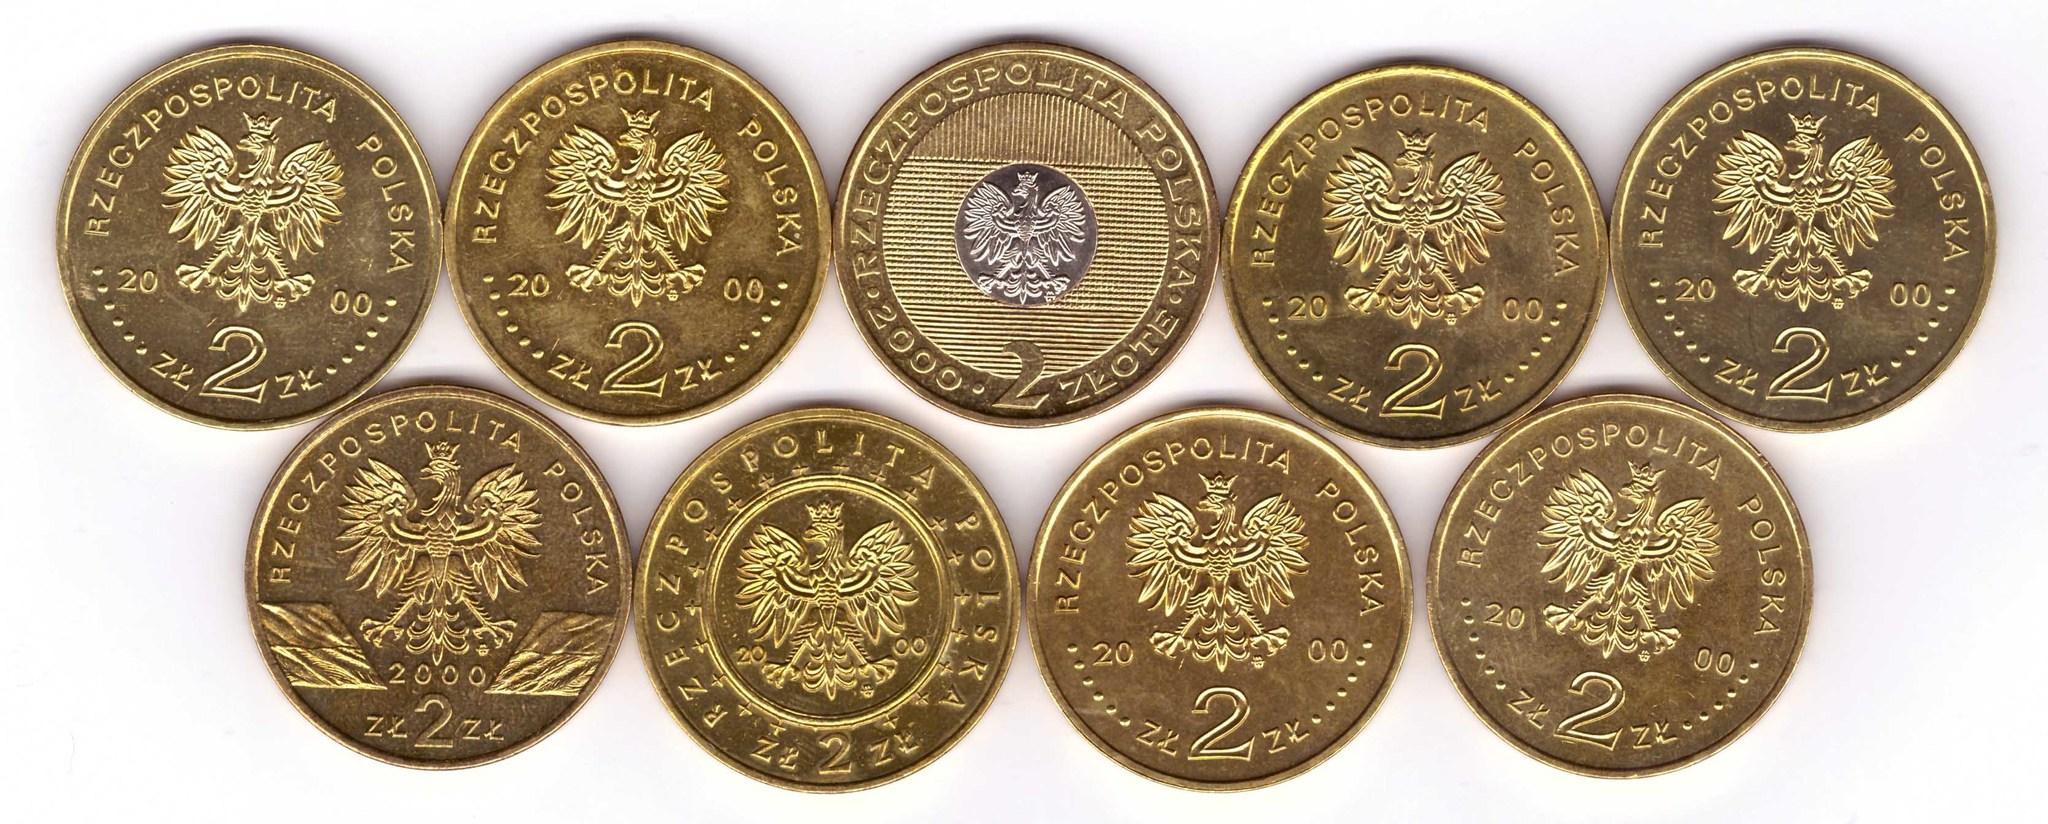 Набор из 9 монет номиналом 2 злотых. Годовой набор. 2000 год, Польша. UNC